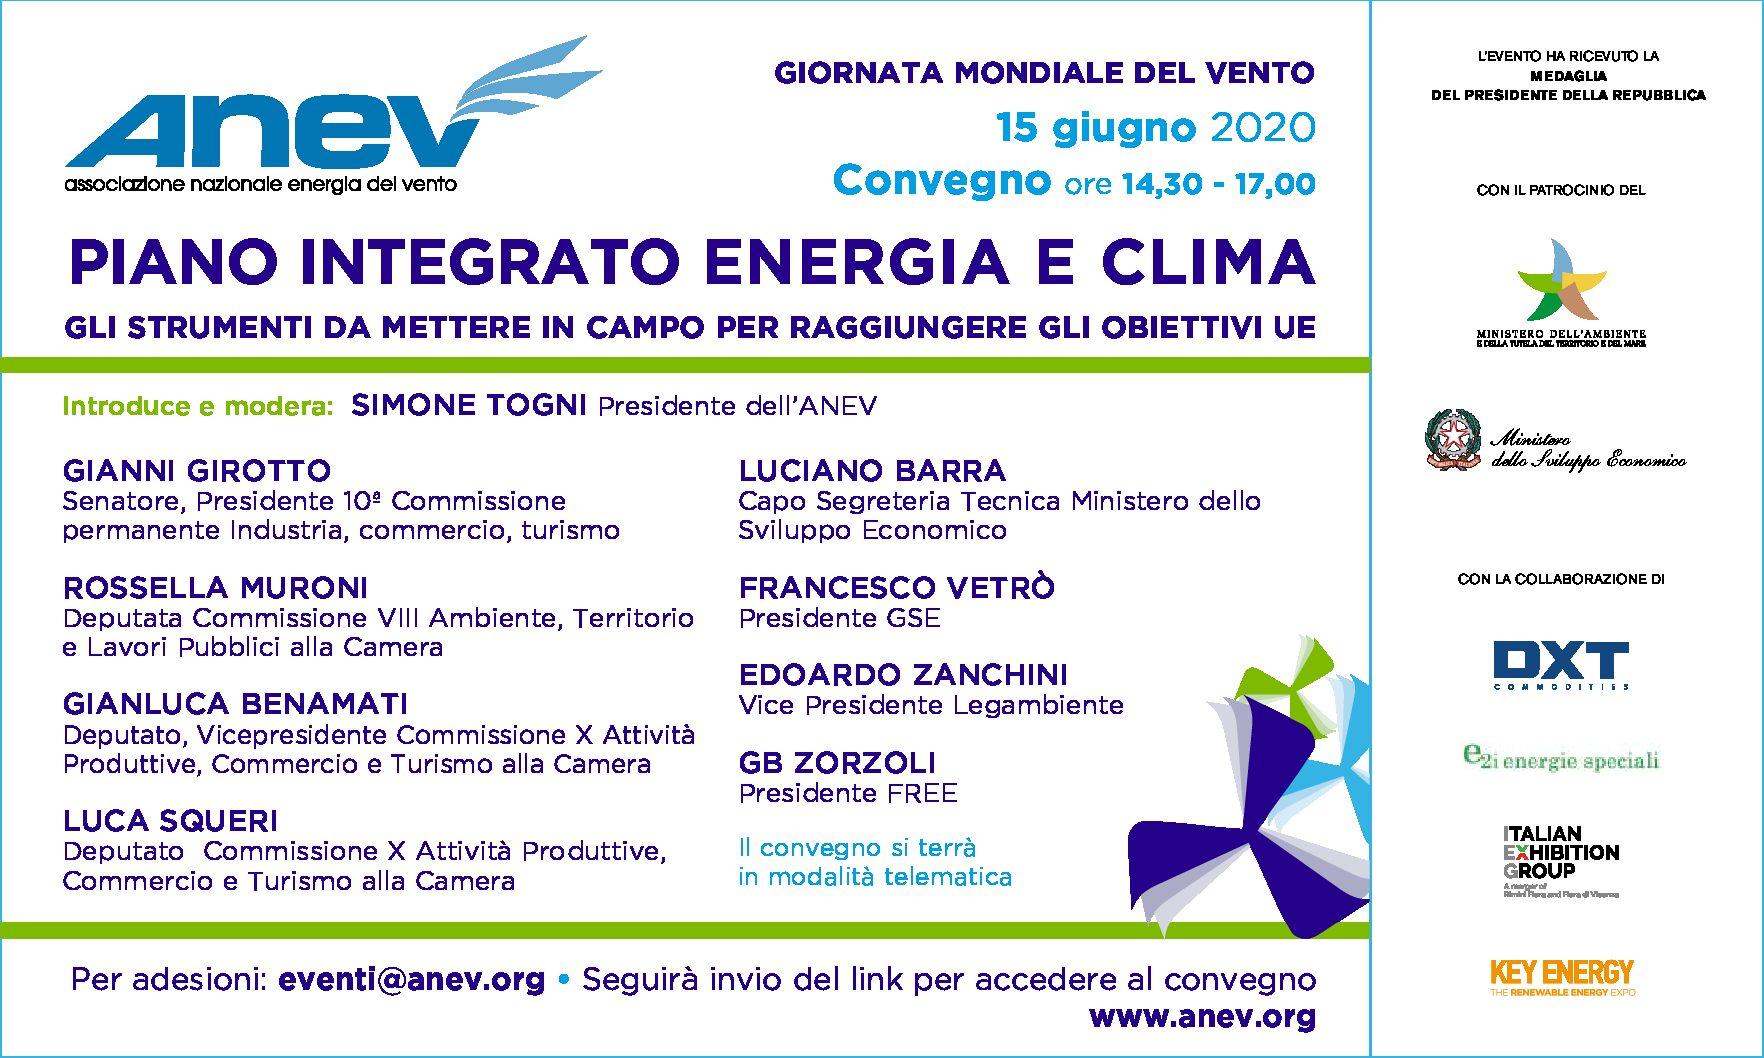 Il convegno dell'ANEV per la Giornata Mondiale del Vento (15 giugno)